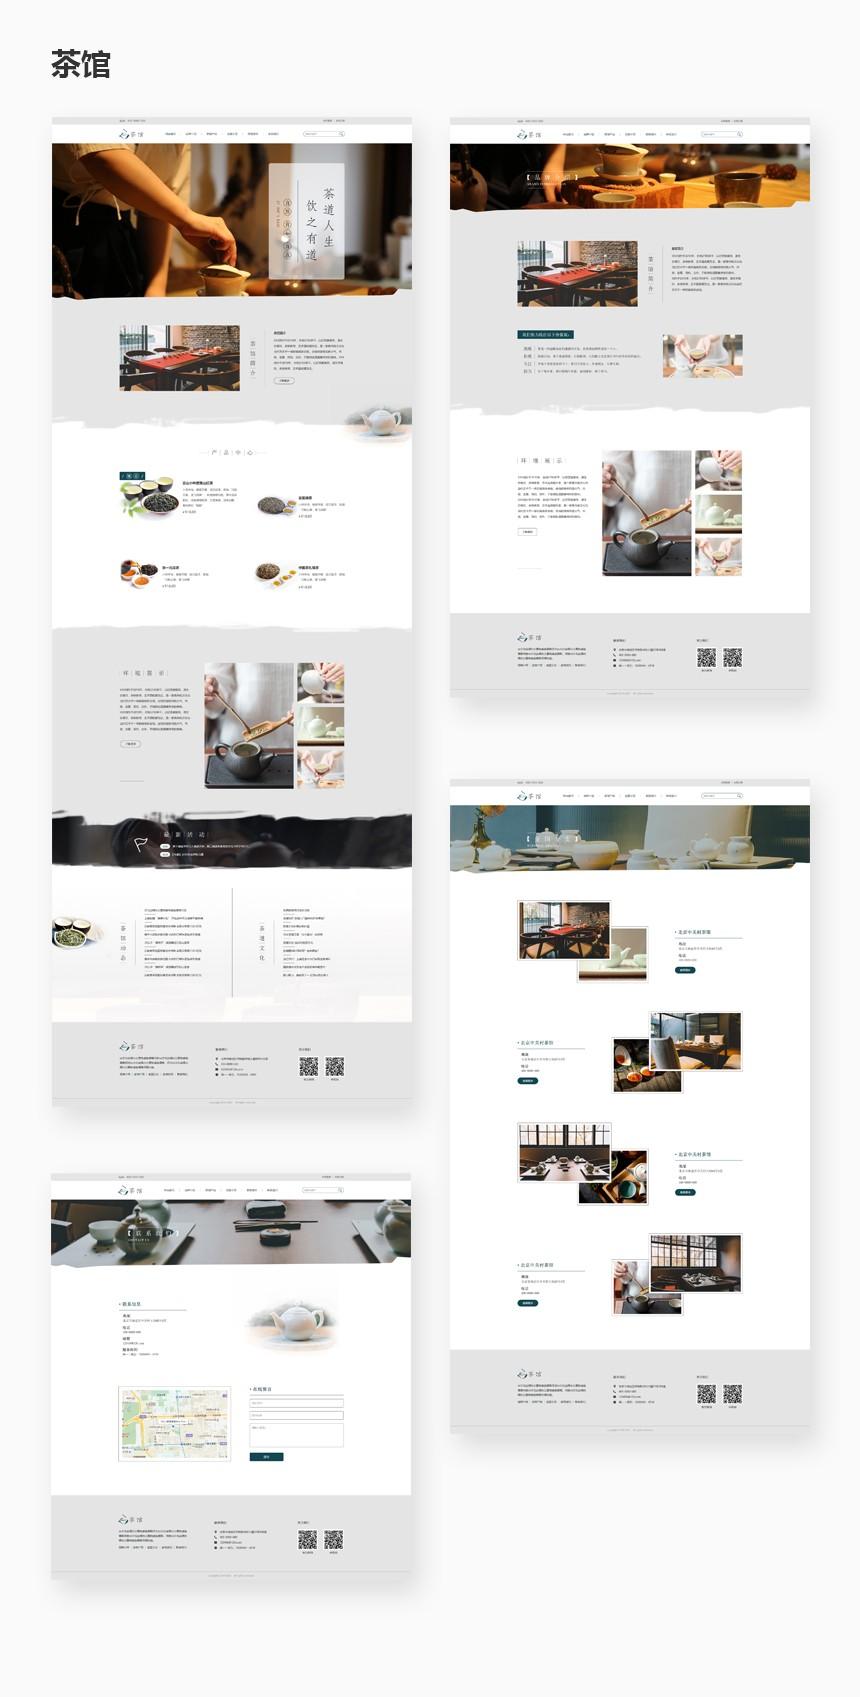 重庆茶馆餐饮公司系统开发-餐饮行业网站建设